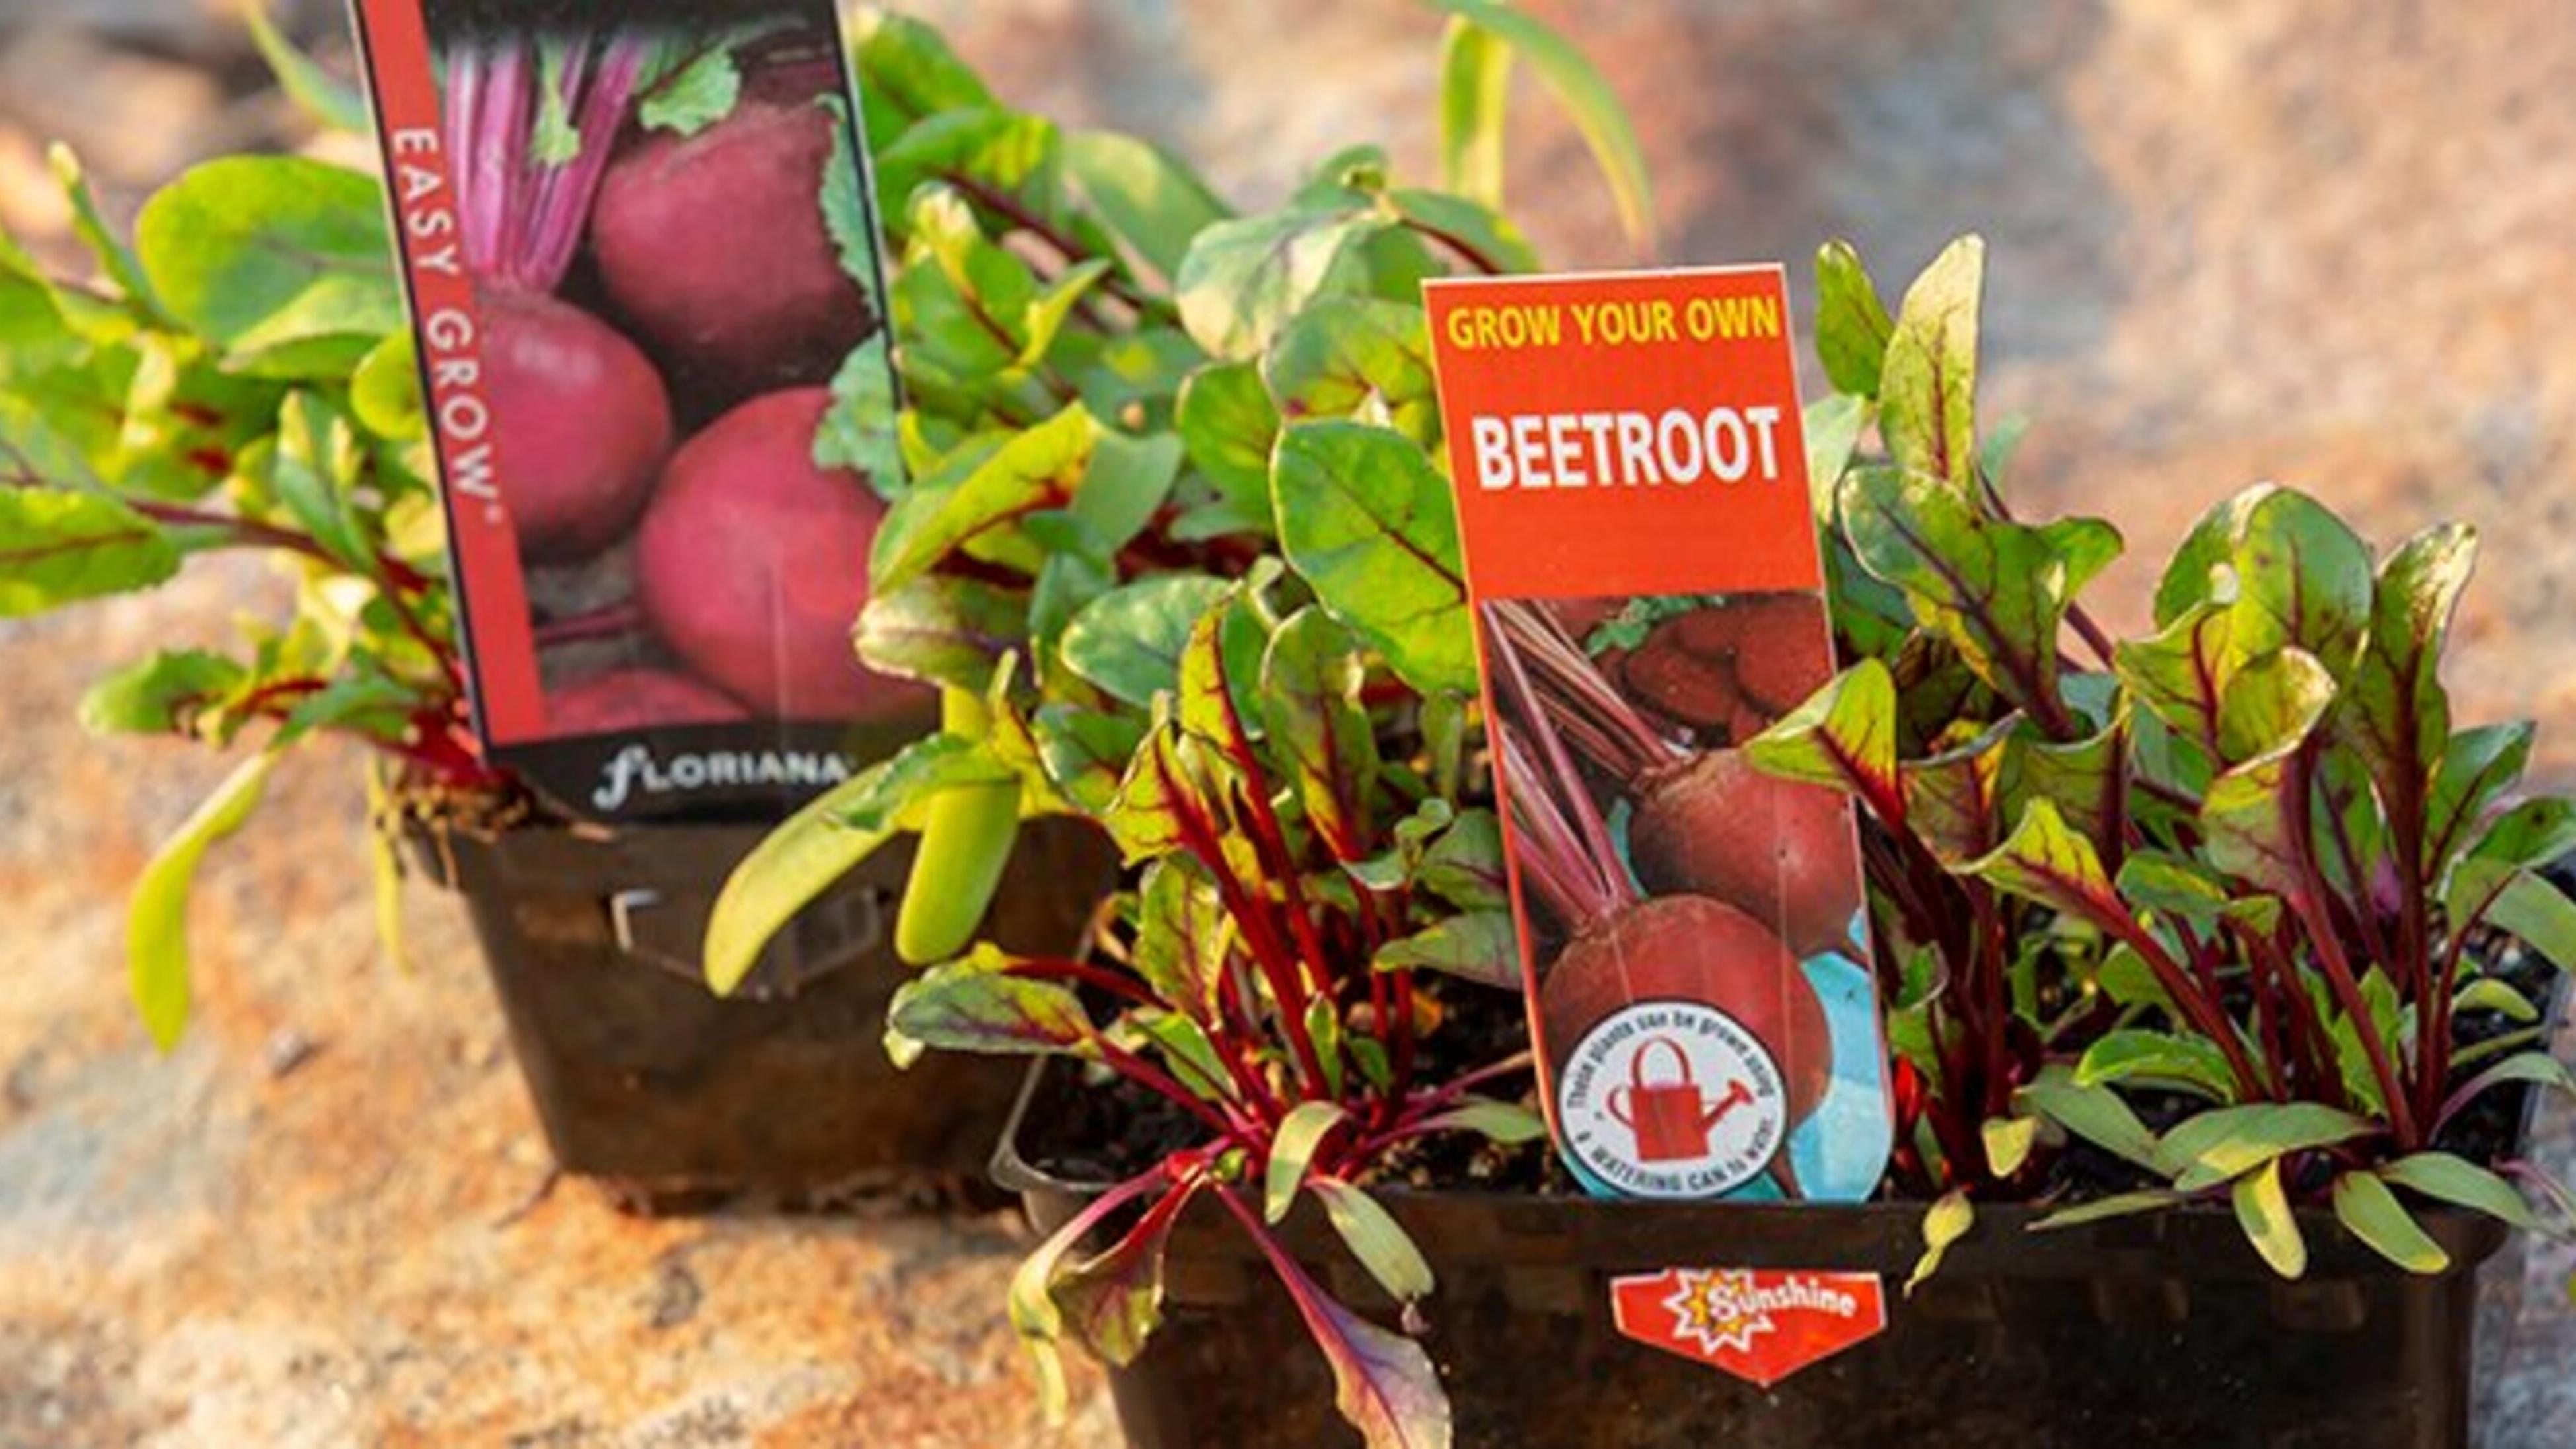 Beetroot seedlings.